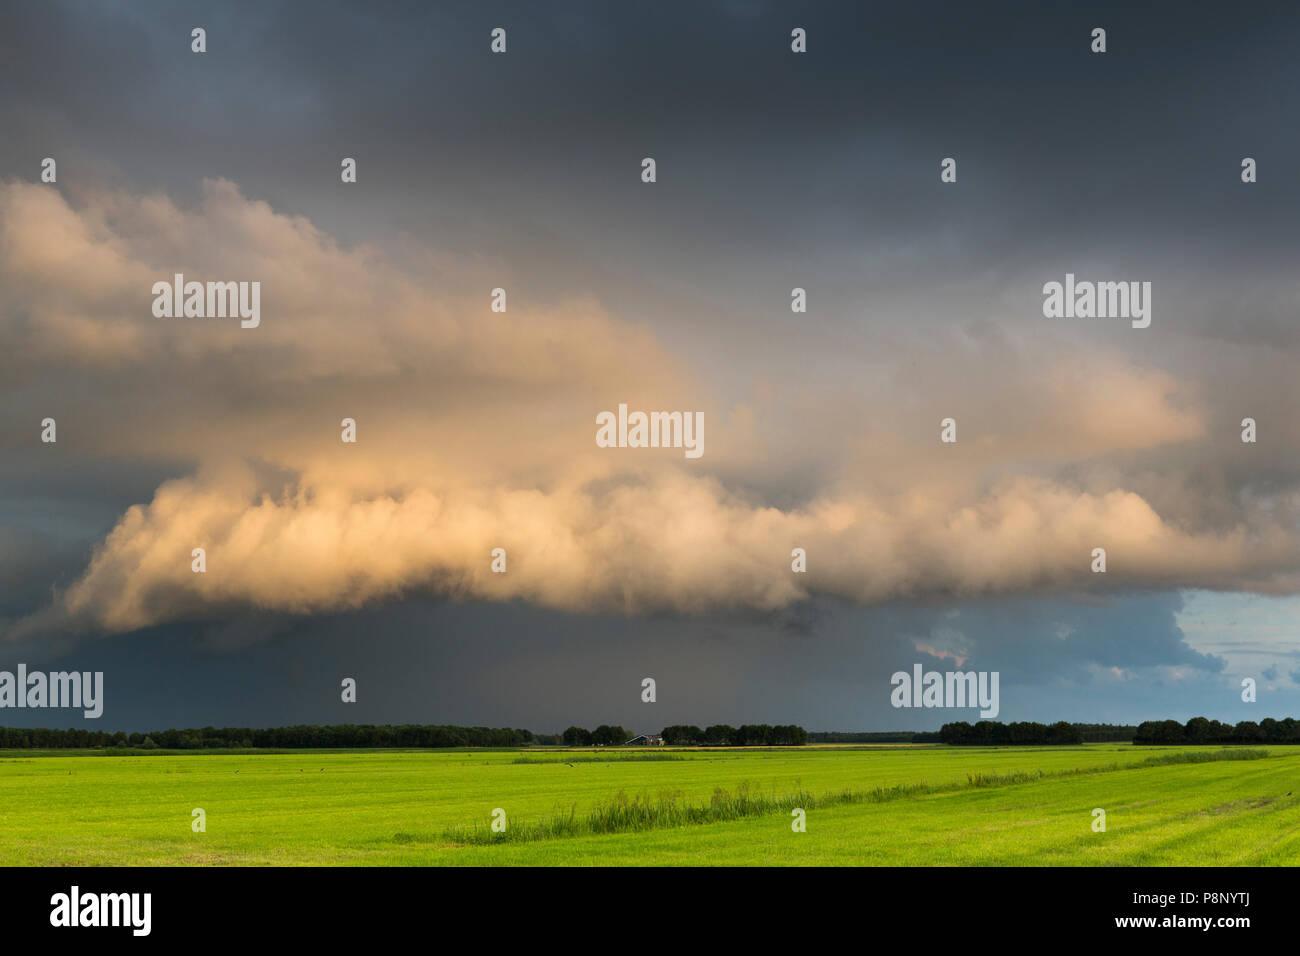 Geringe Sonnenlicht auf bedrohliche Wolken Stockbild